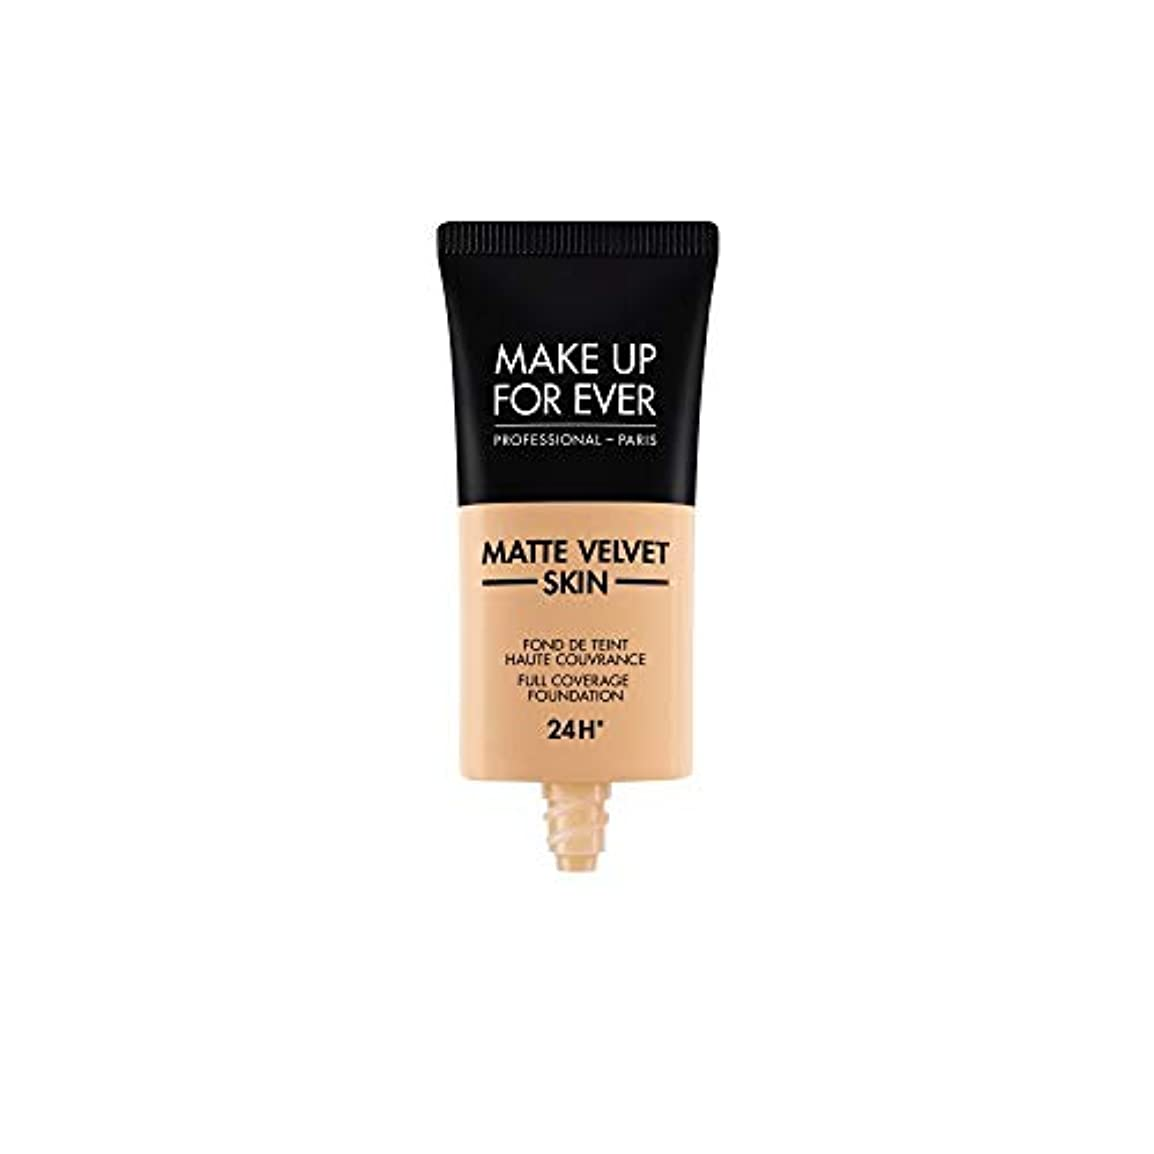 残忍なウルルアリメイクアップフォーエバー Matte Velvet Skin Full Coverage Foundation - # Y305 (Soft Beige) 30ml/1oz並行輸入品